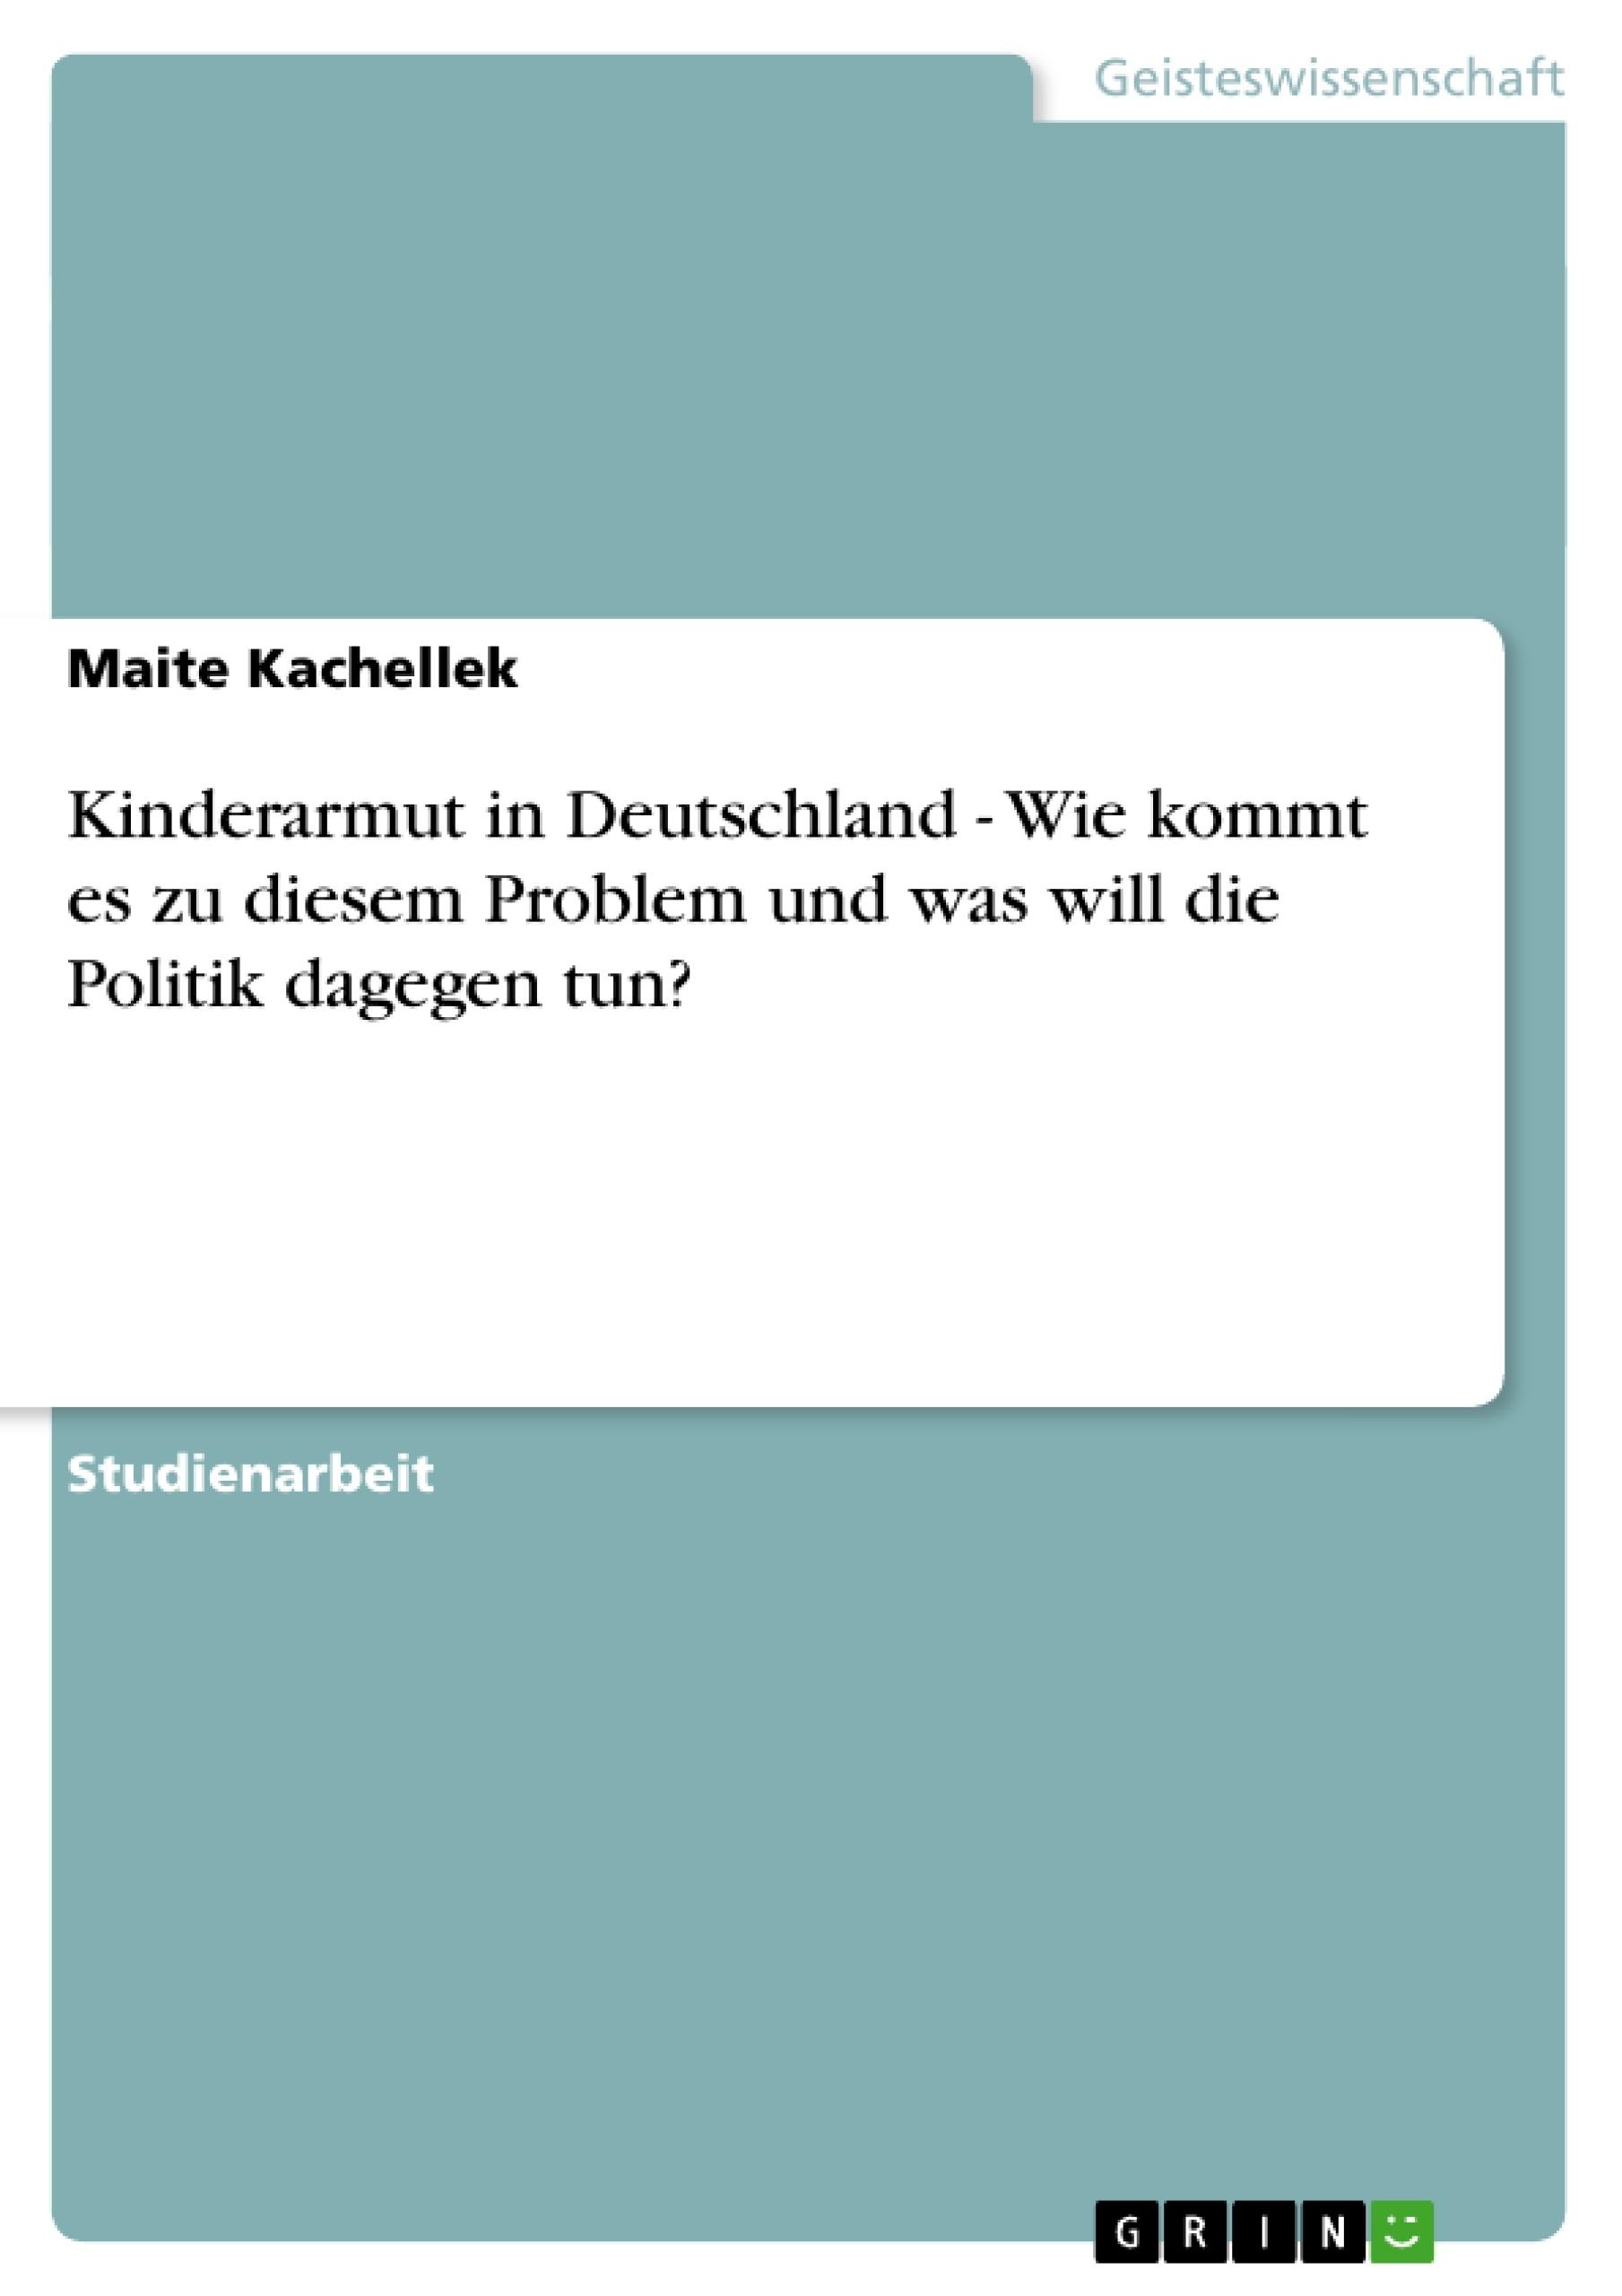 Titel: Kinderarmut in Deutschland - Wie kommt es zu diesem Problem und was will die Politik dagegen tun?